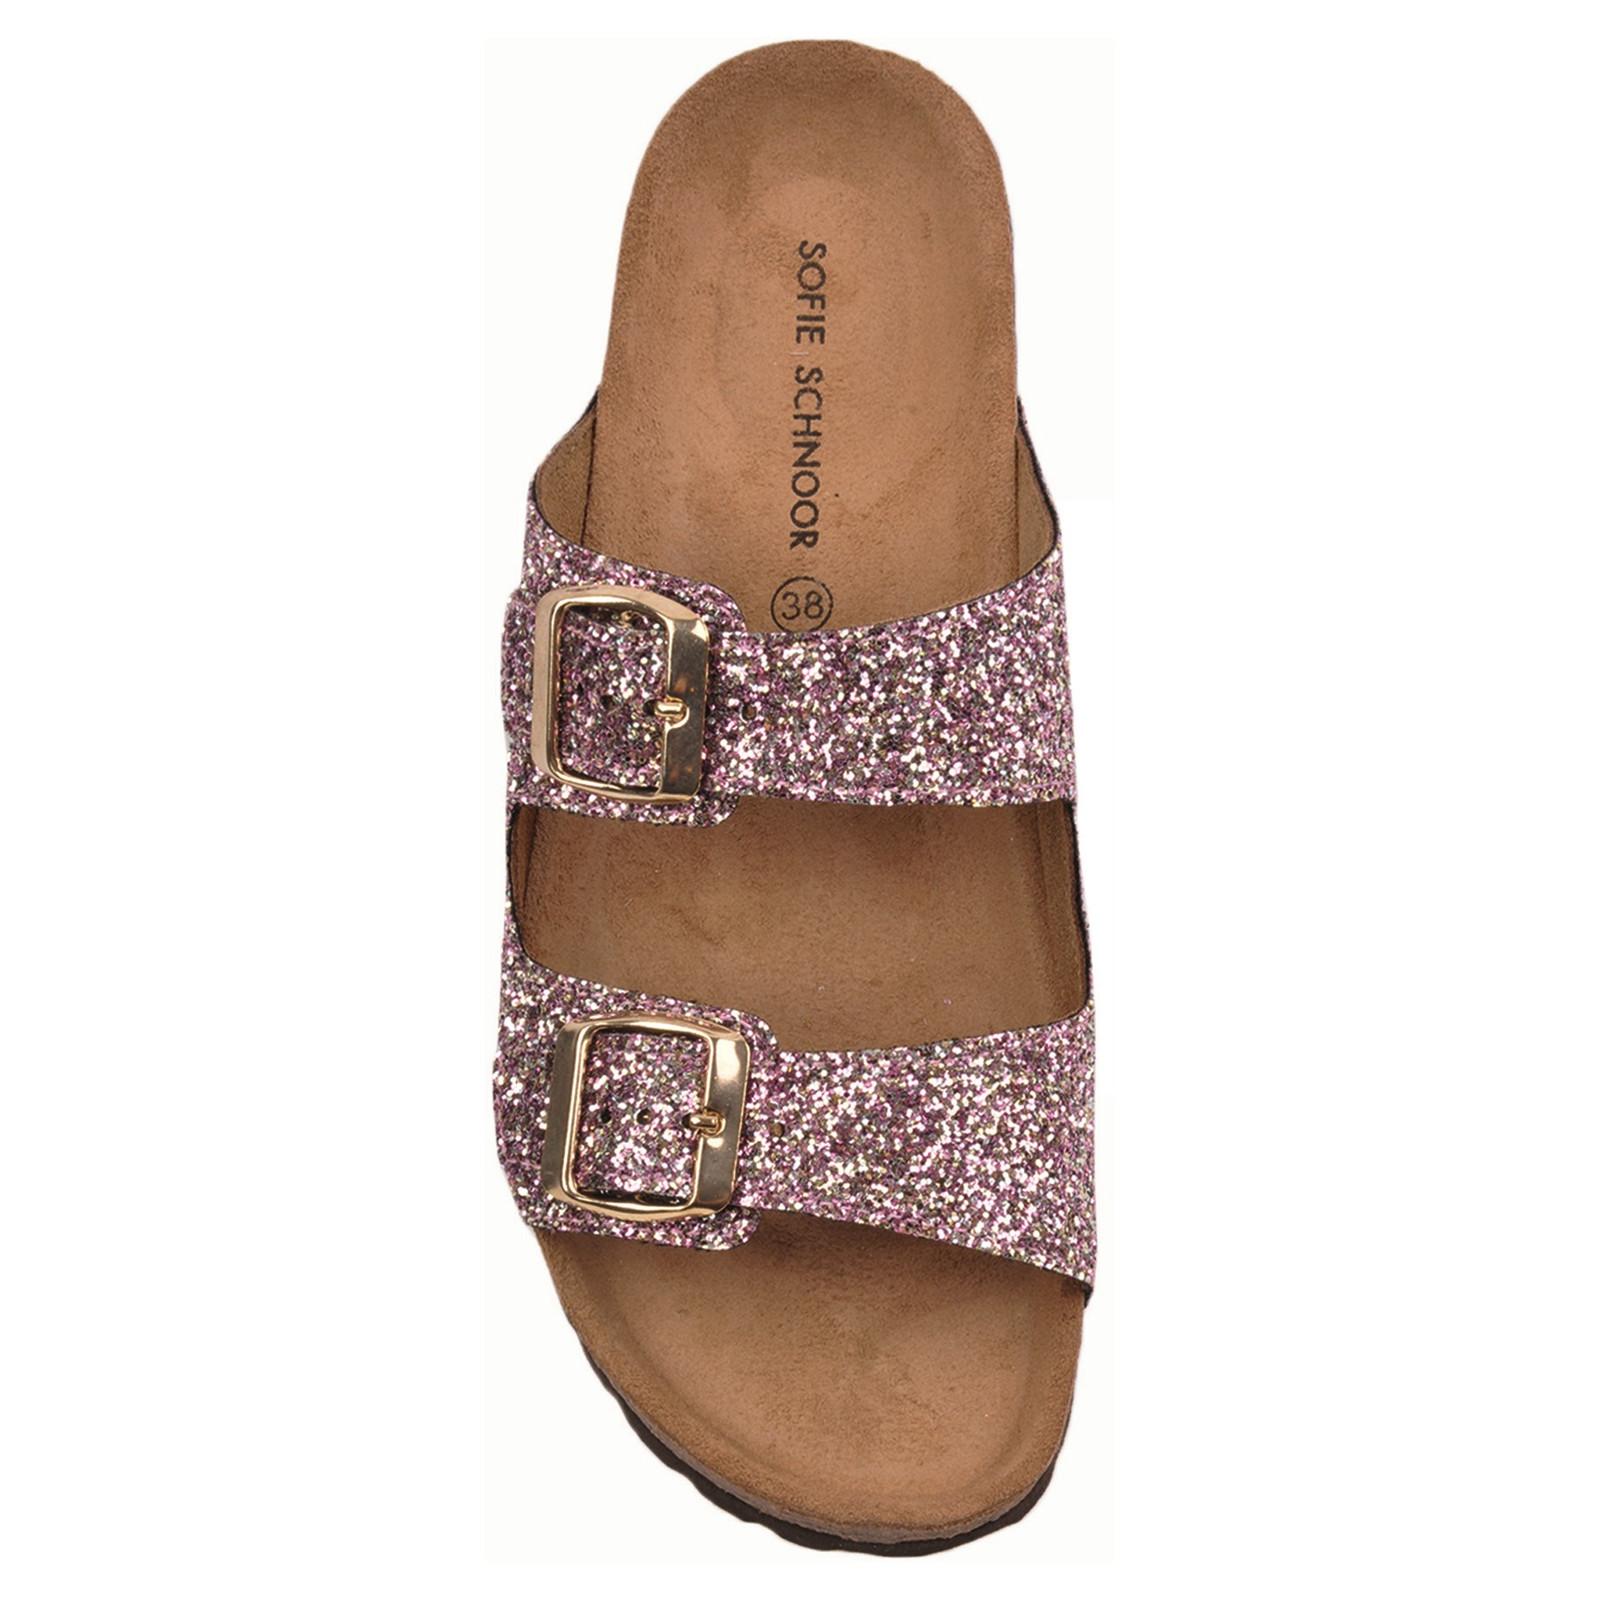 7d6816f9fd27 Sofie Schnoor sko - Køb online hos Helm